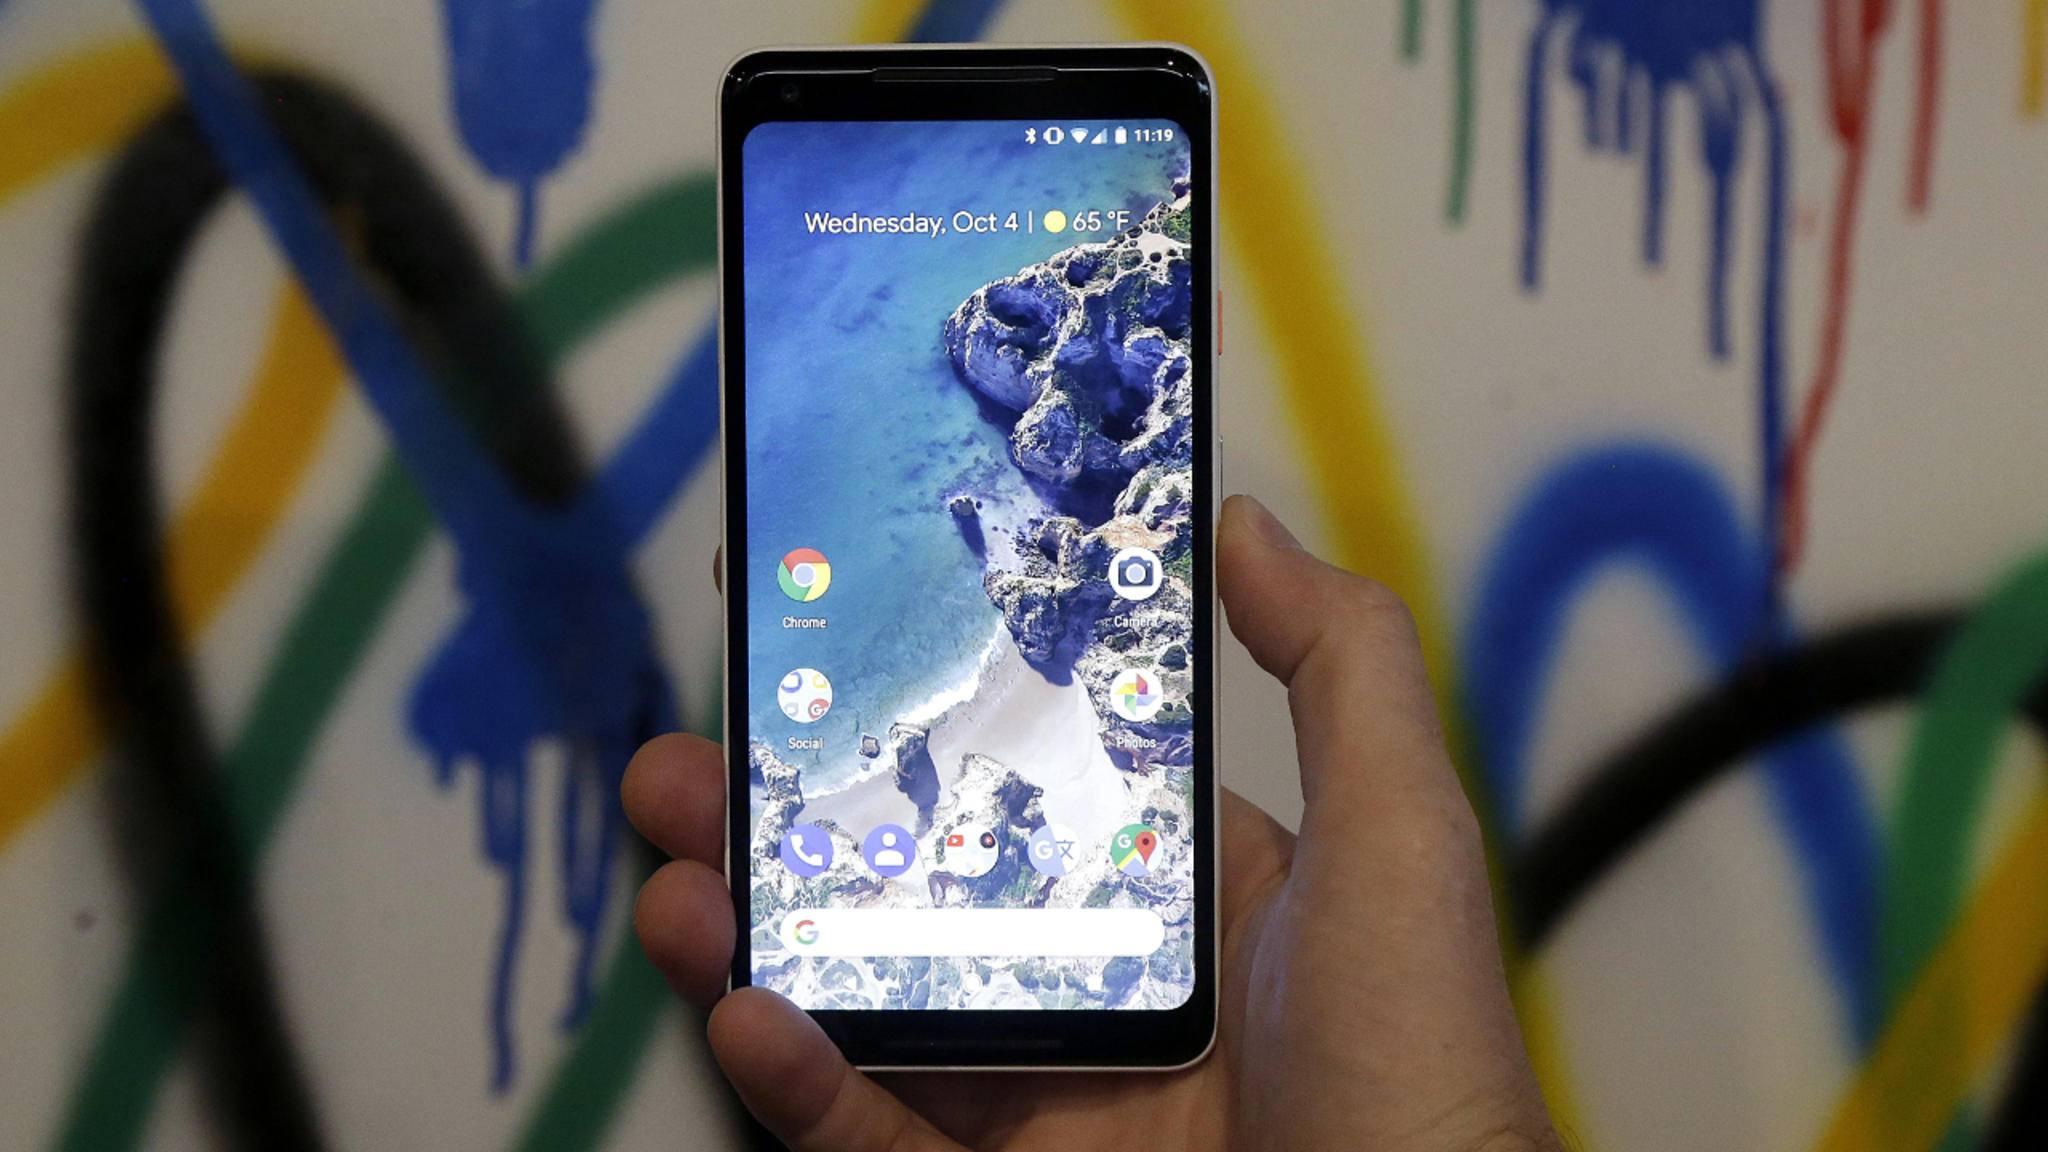 Das Google Pixel 2 XL wurde am 4. Oktober vorgestellt.